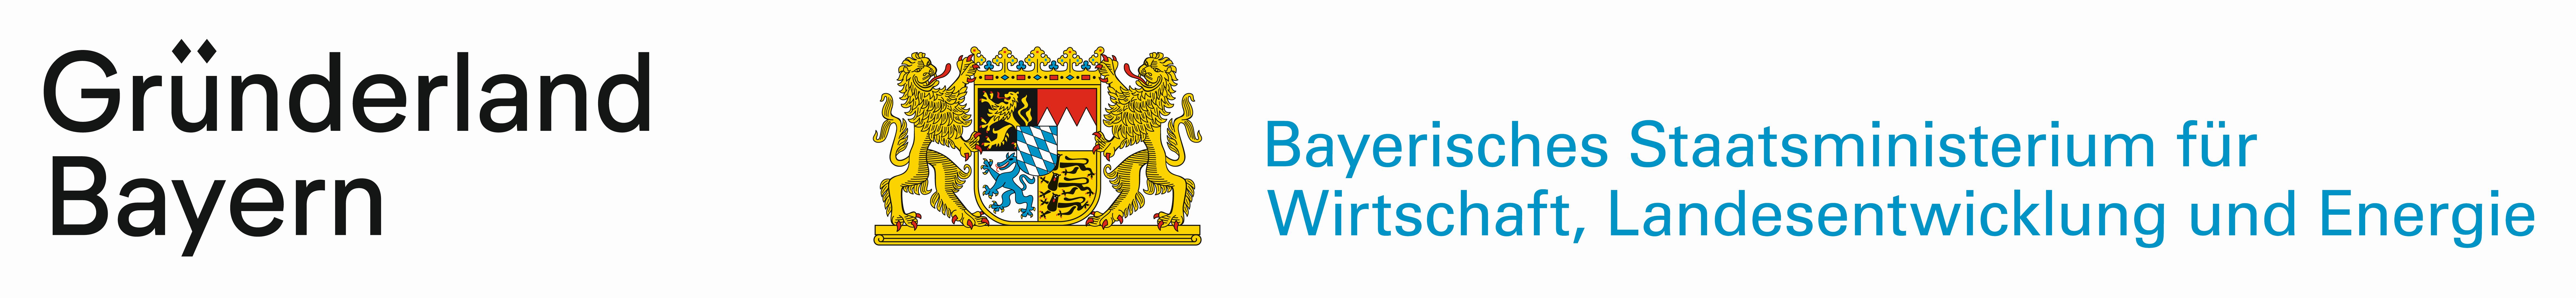 Gründerland Bayern, gefördert durch das Bayerisches Staatsministerium für Wirtschaft, Landentwicklung und Energie